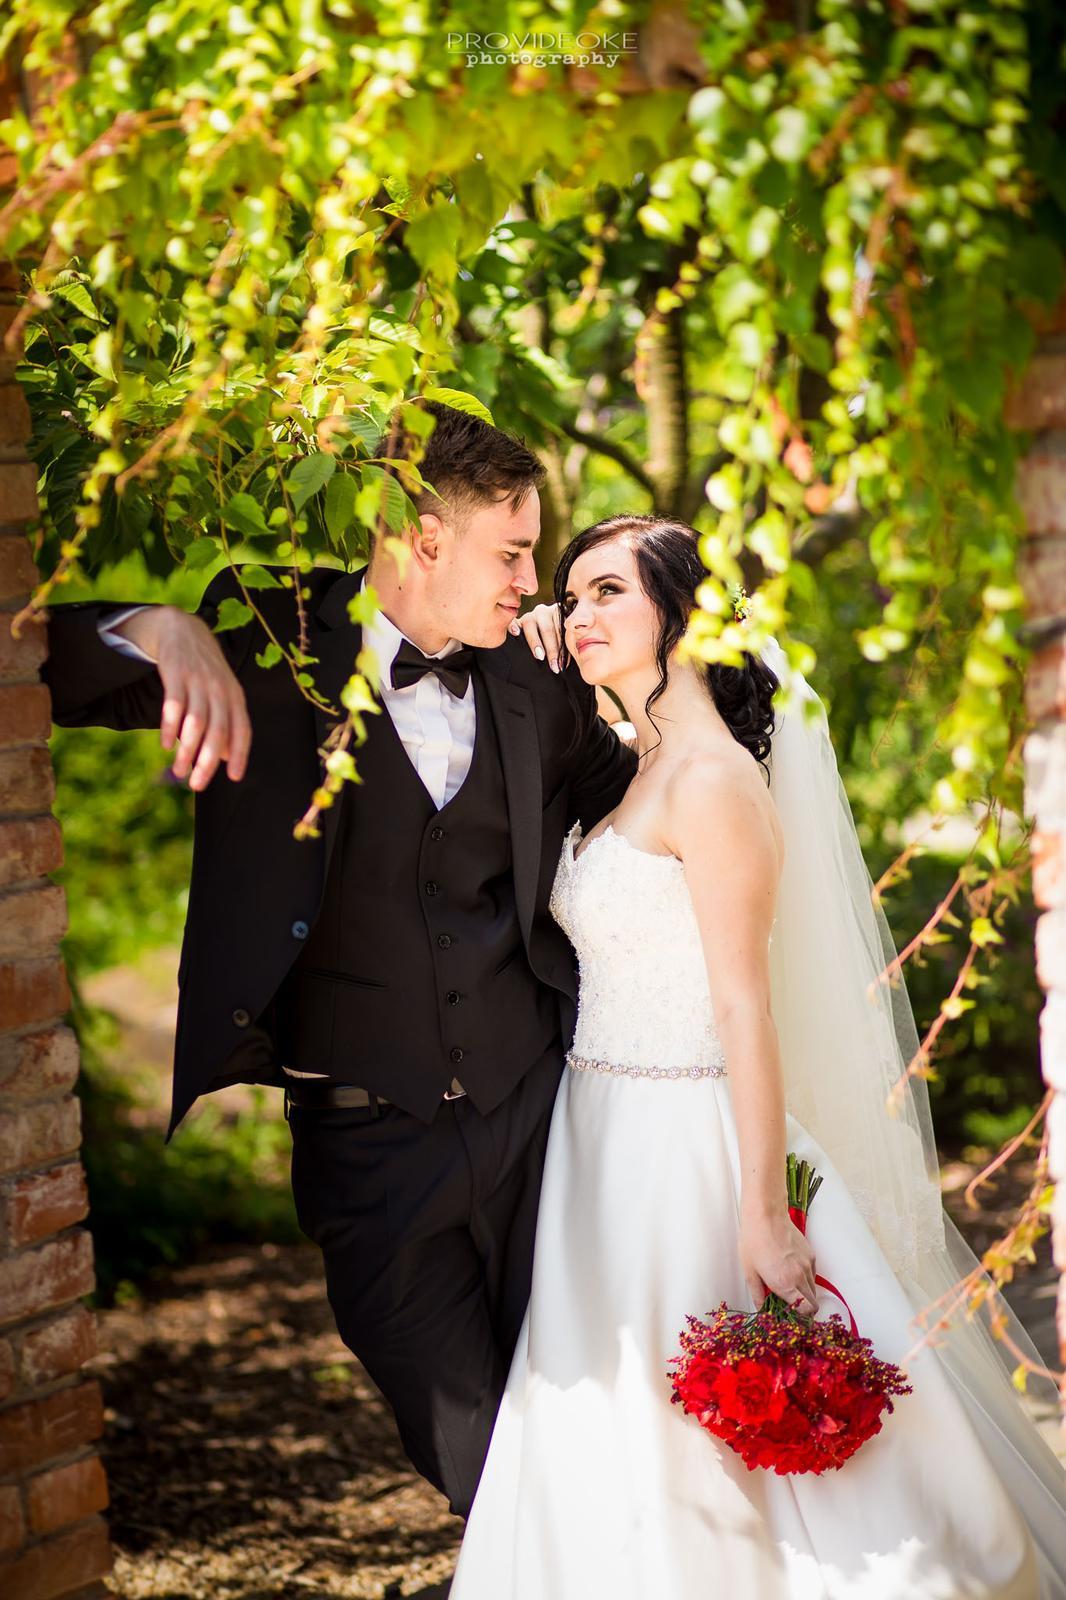 Svadobné príbehy ... - Obrázok č. 2